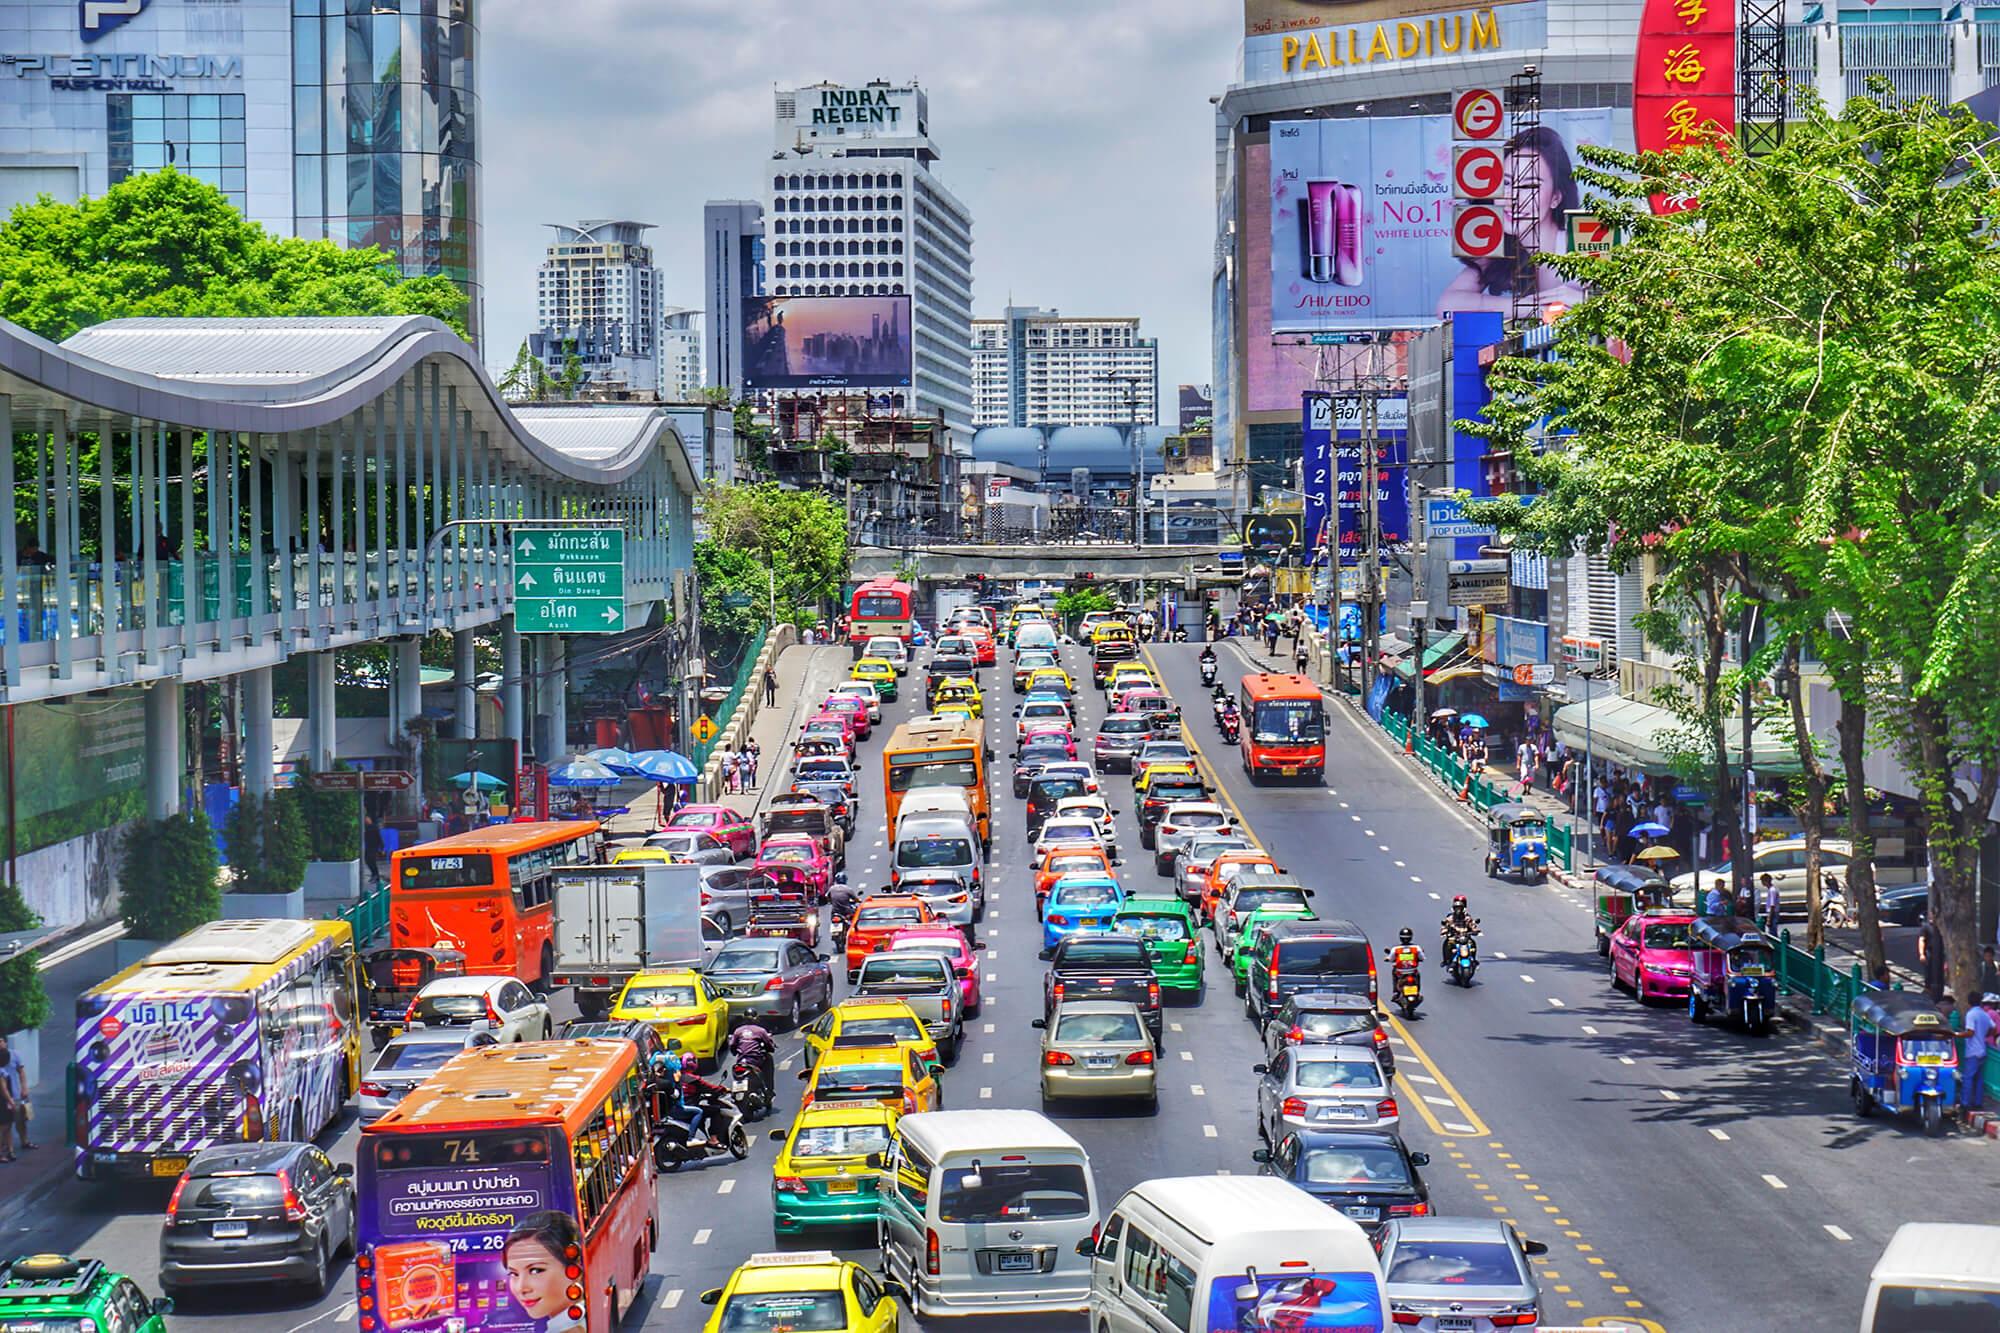 タイ物流の基礎知識 | 大メコン経済圏の物流を統括する経済回廊の中心地